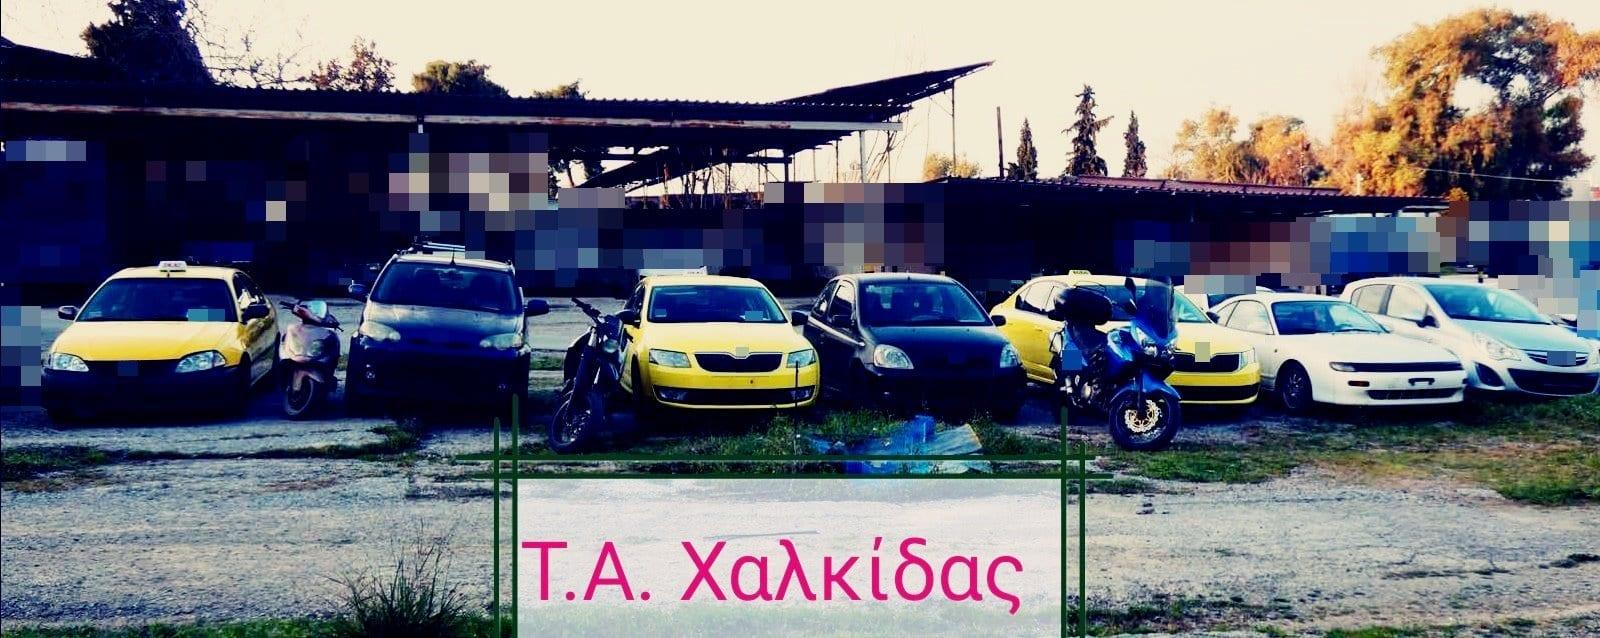 Όπως ανέφερε πρώτο εχθές το eviathema.gr μετά από 4,5 εντατικής έρευνας του Τμήματος Ασφάλειας Χαλκίδας, Θρίαμβος για το Τμήμα Ασφάλειας Χαλκίδας: Εξαρθρώθηκαν πλήρως 3 ανεξάρτητες εγκληματικές ομάδες – Τα ευρήματα της συστηματικής έρευνας [ΦΩΤΟ – ΒΙΝΤΕΟ], Eviathema.gr | ΕΥΒΟΙΑ ΝΕΑ - Νέα και ειδήσεις από όλη την Εύβοια